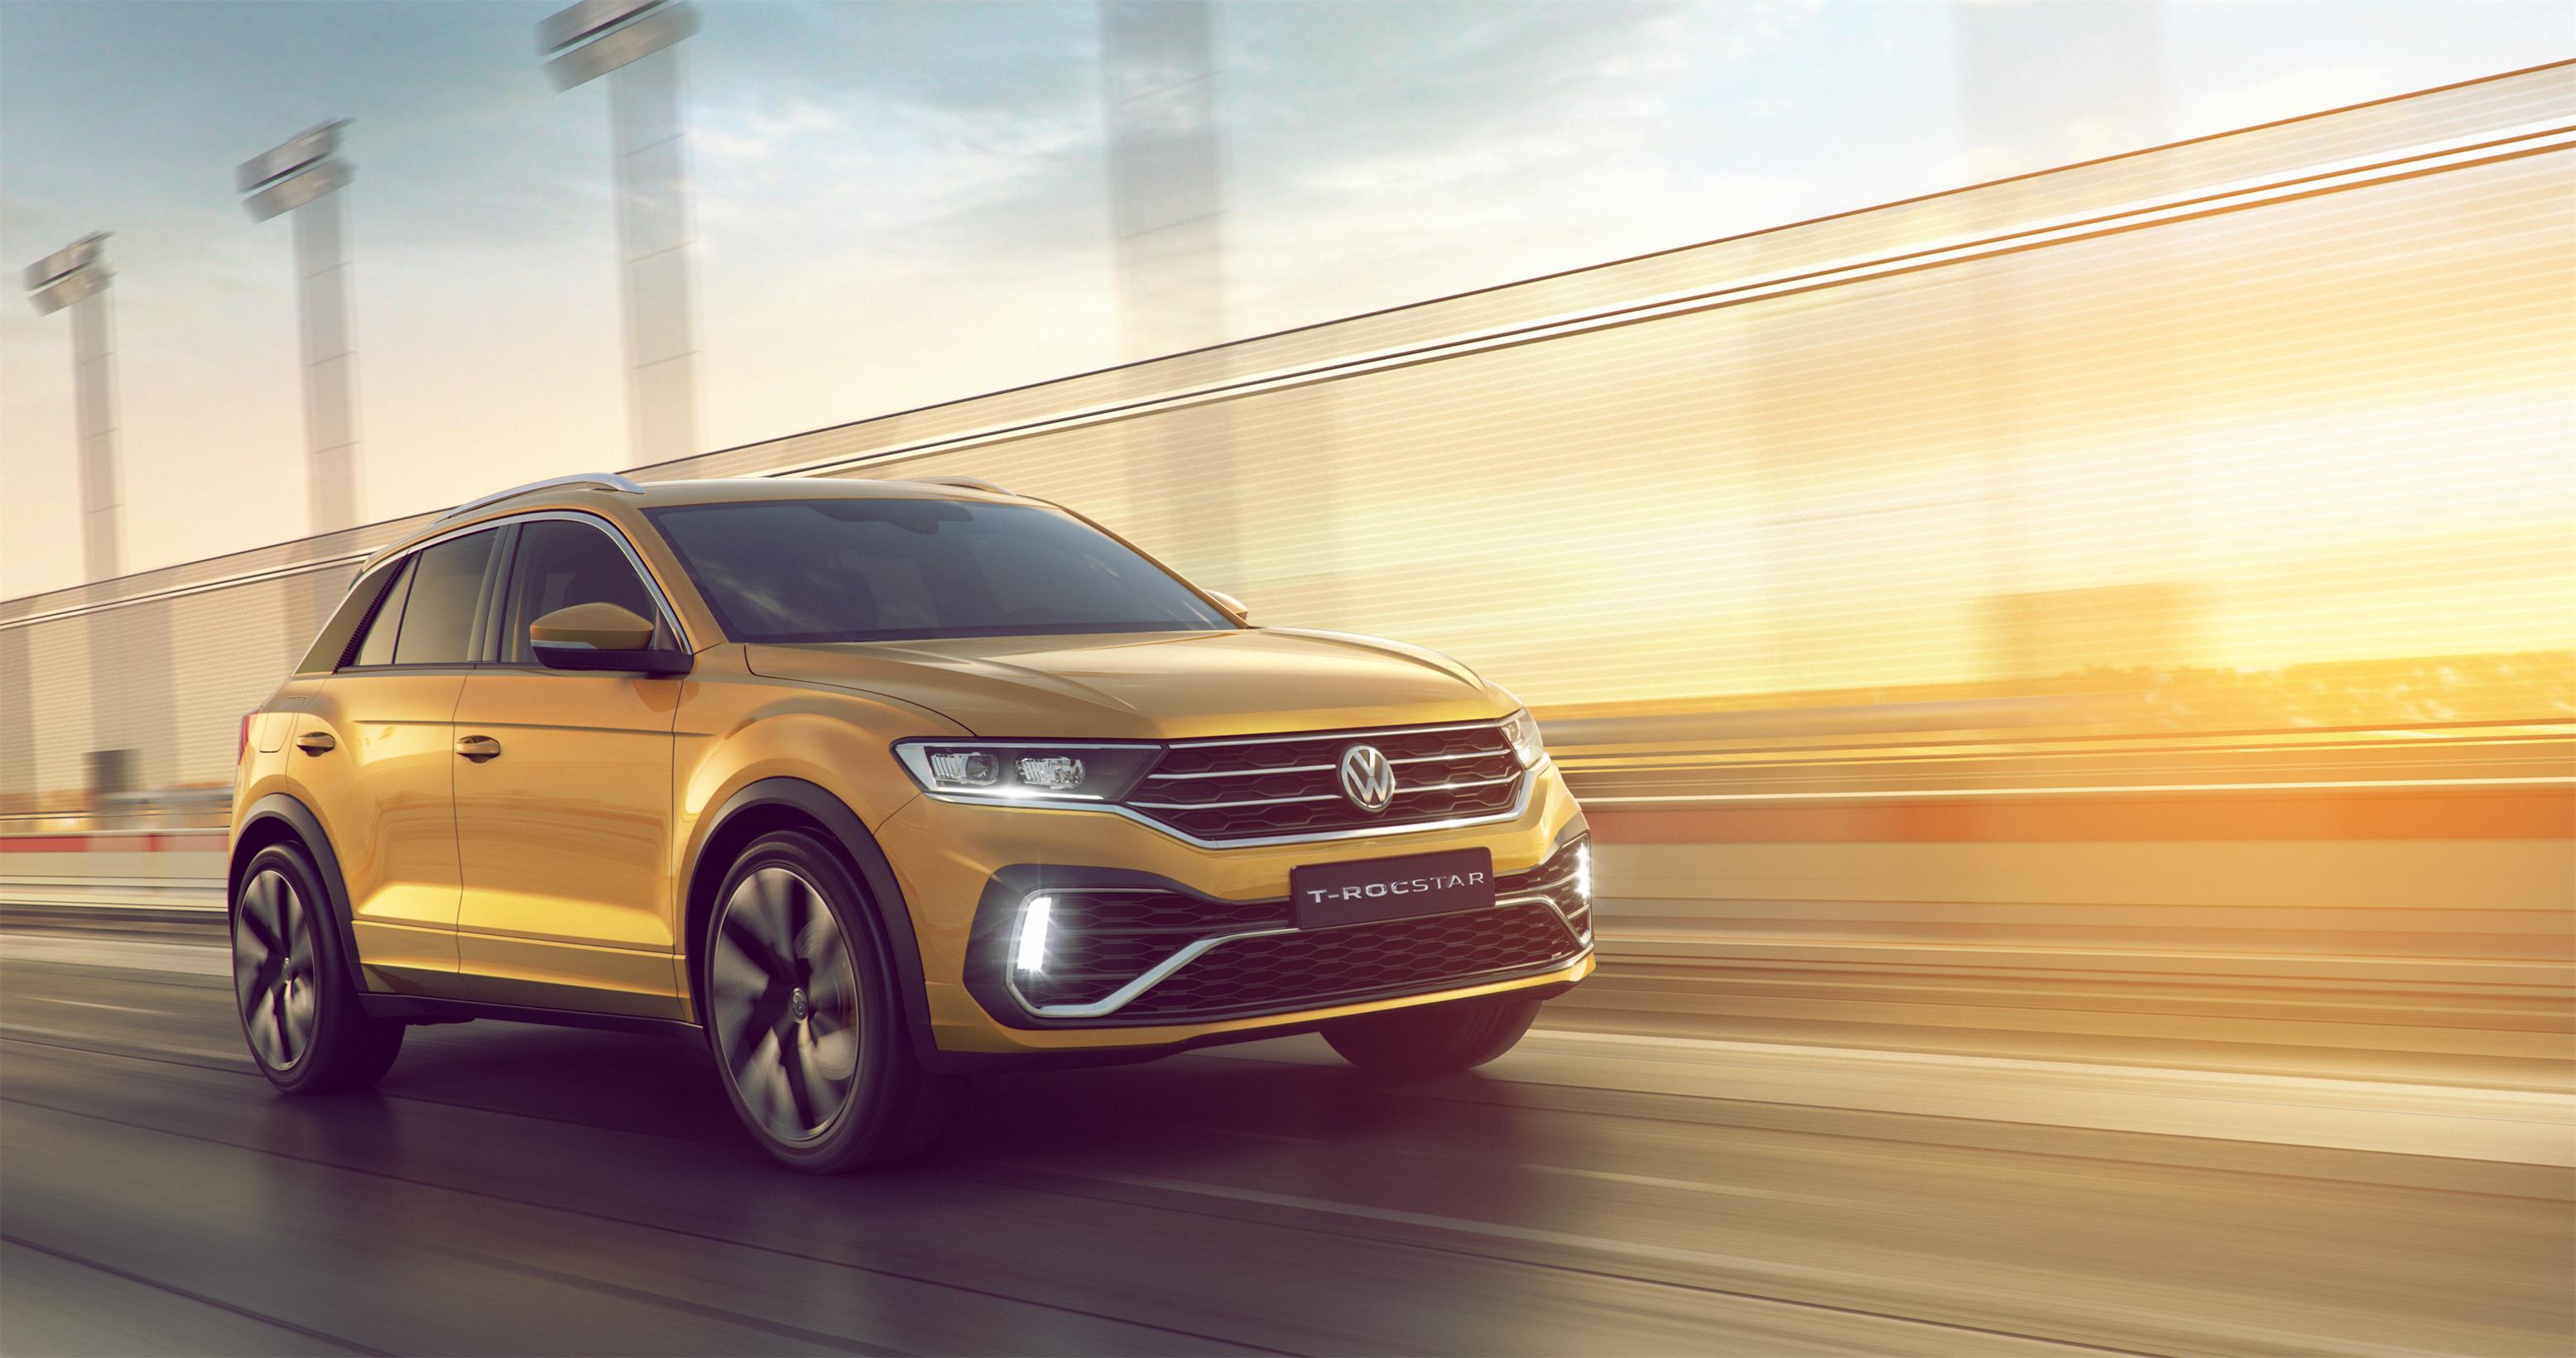 """大众汽车品牌中国ceo冯思翰博士表示:""""t-rocstar展示了大众汽车品牌"""